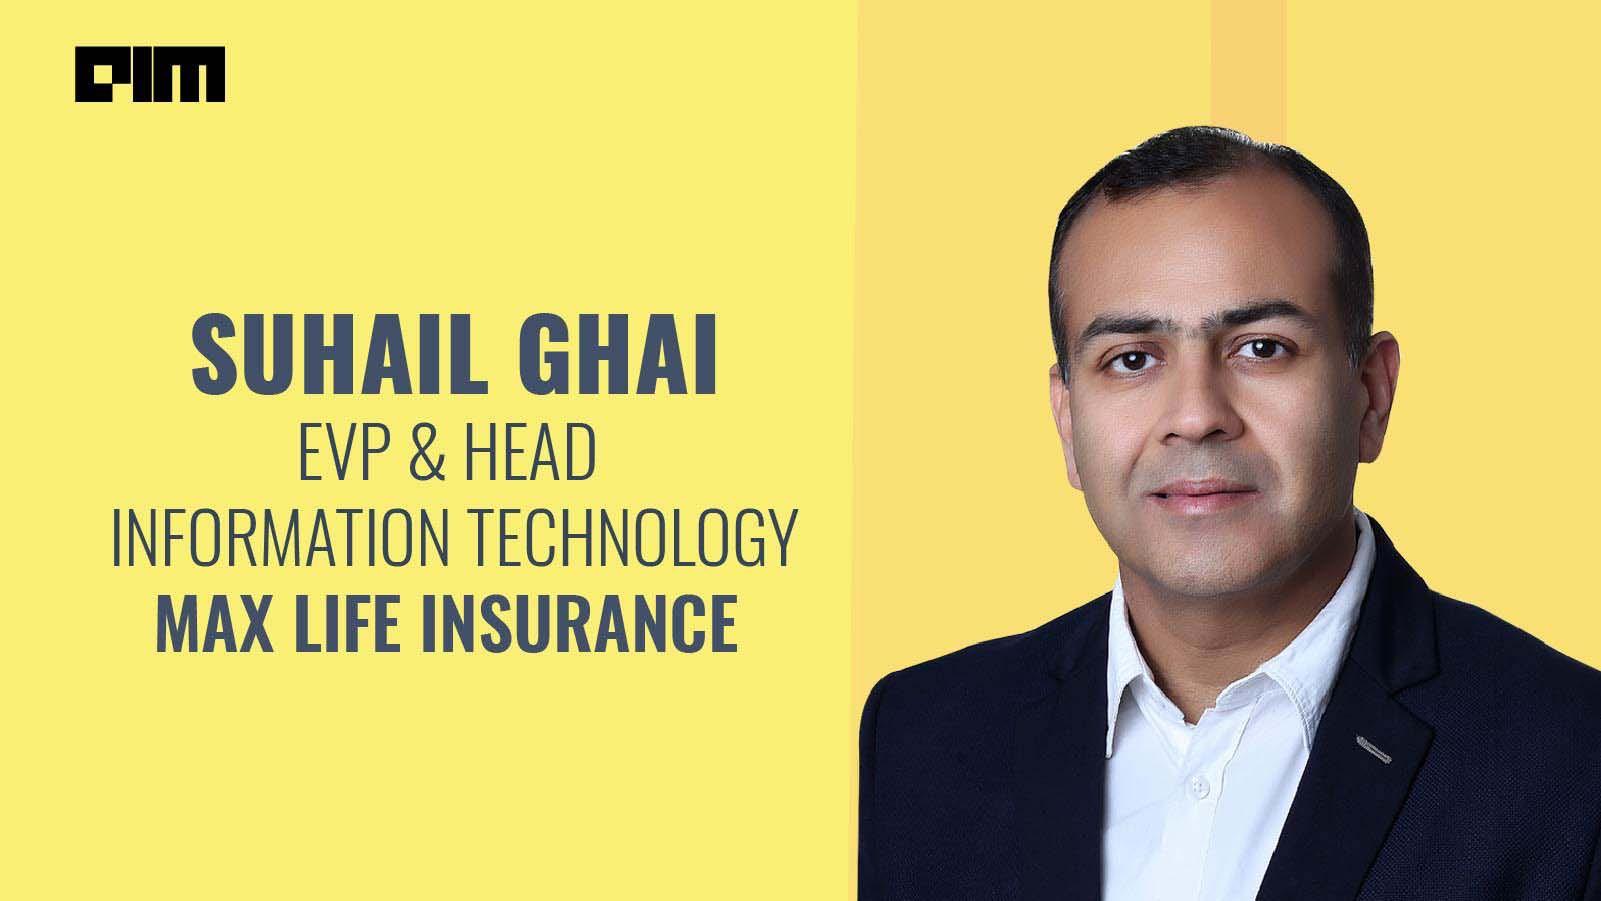 Suhail Ghai Max Life Insurance